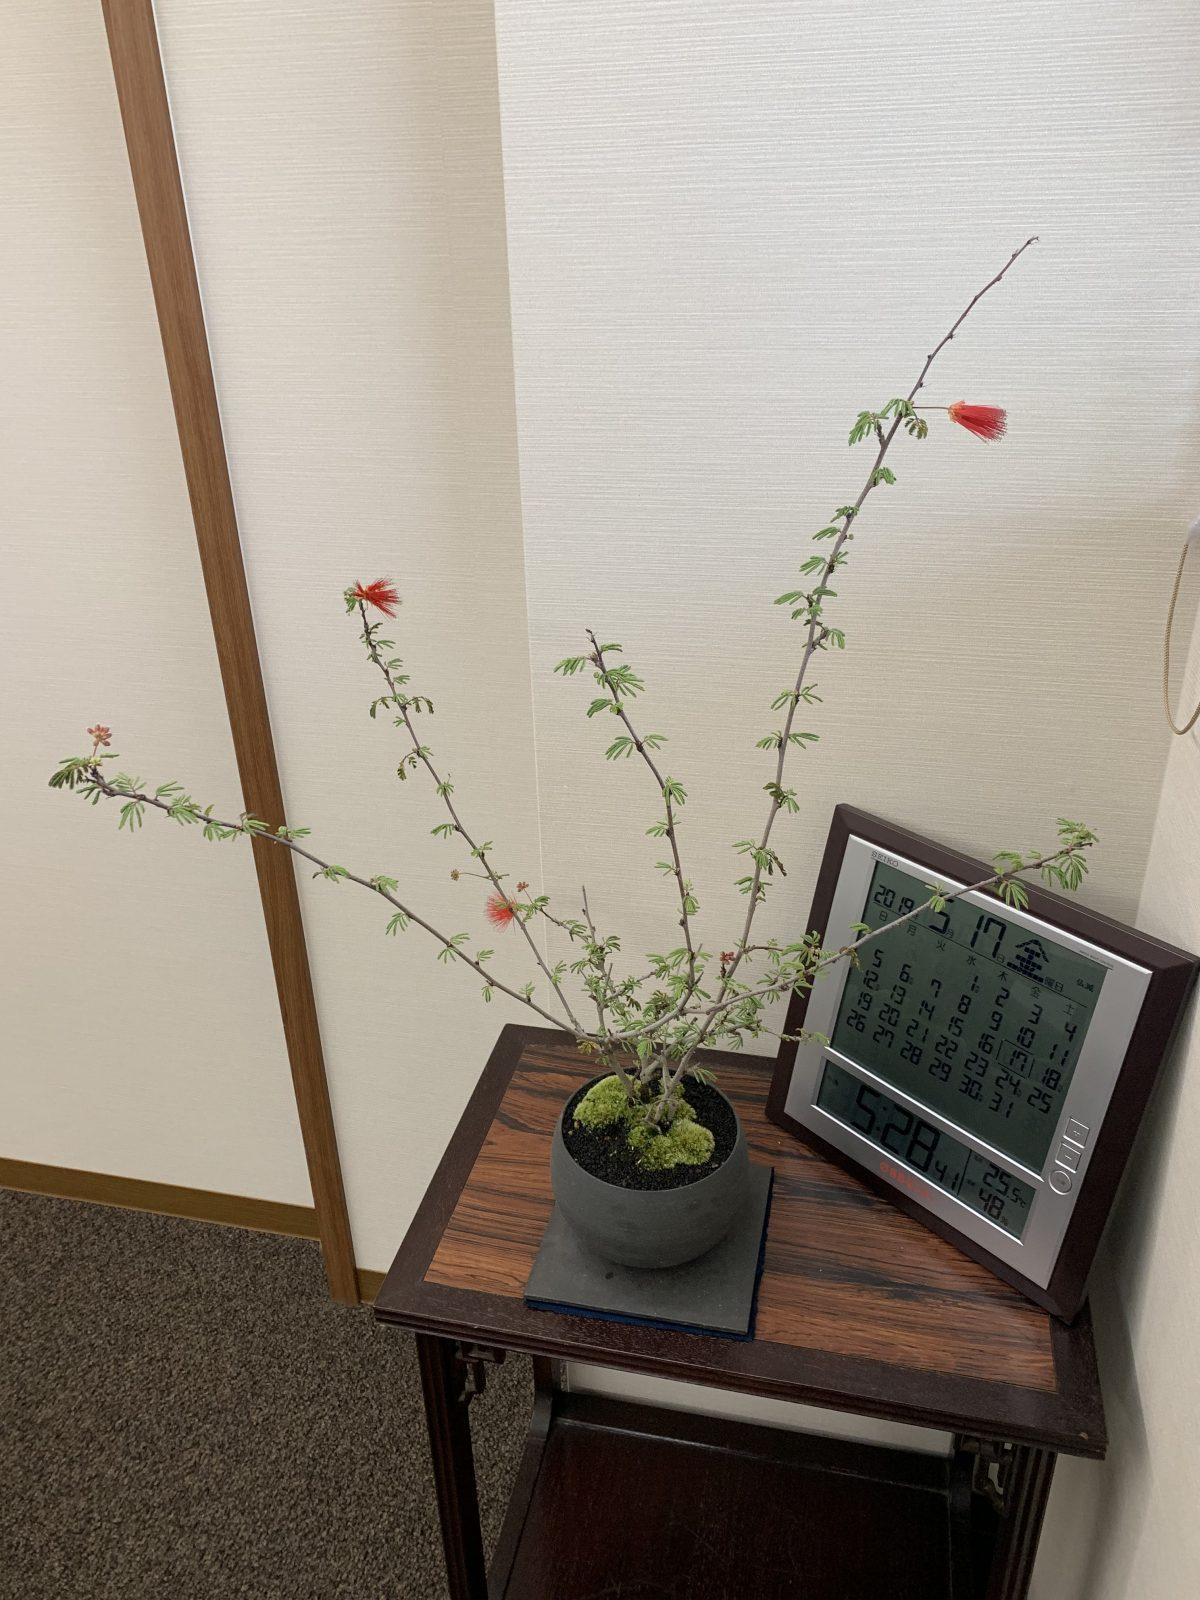 ヒネムの花が咲きました❀